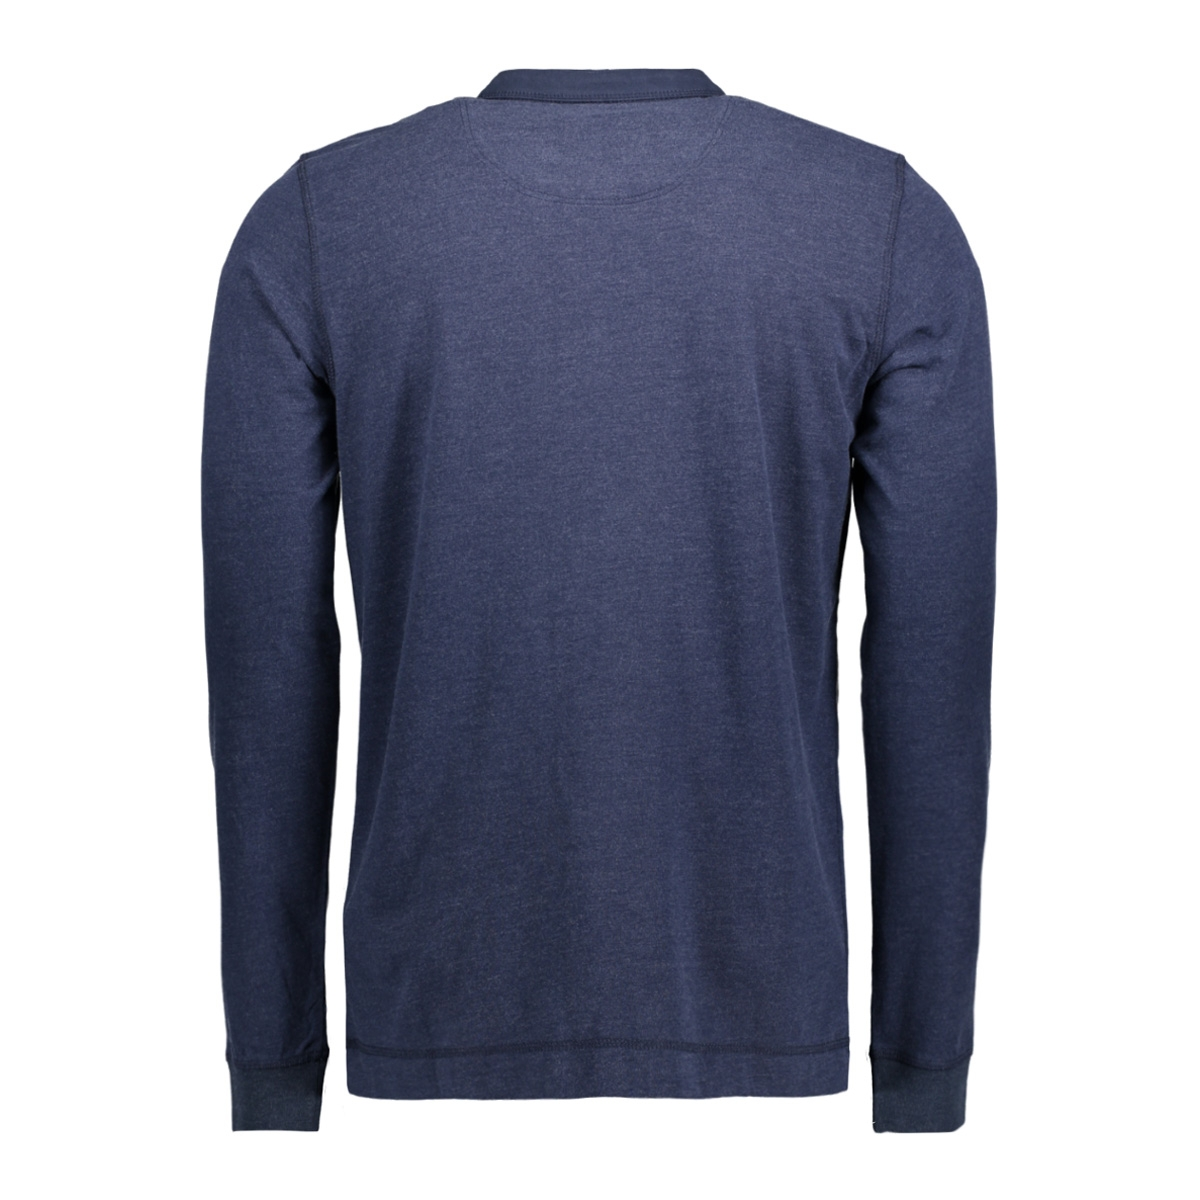 117ee2k010 esprit t-shirt e400